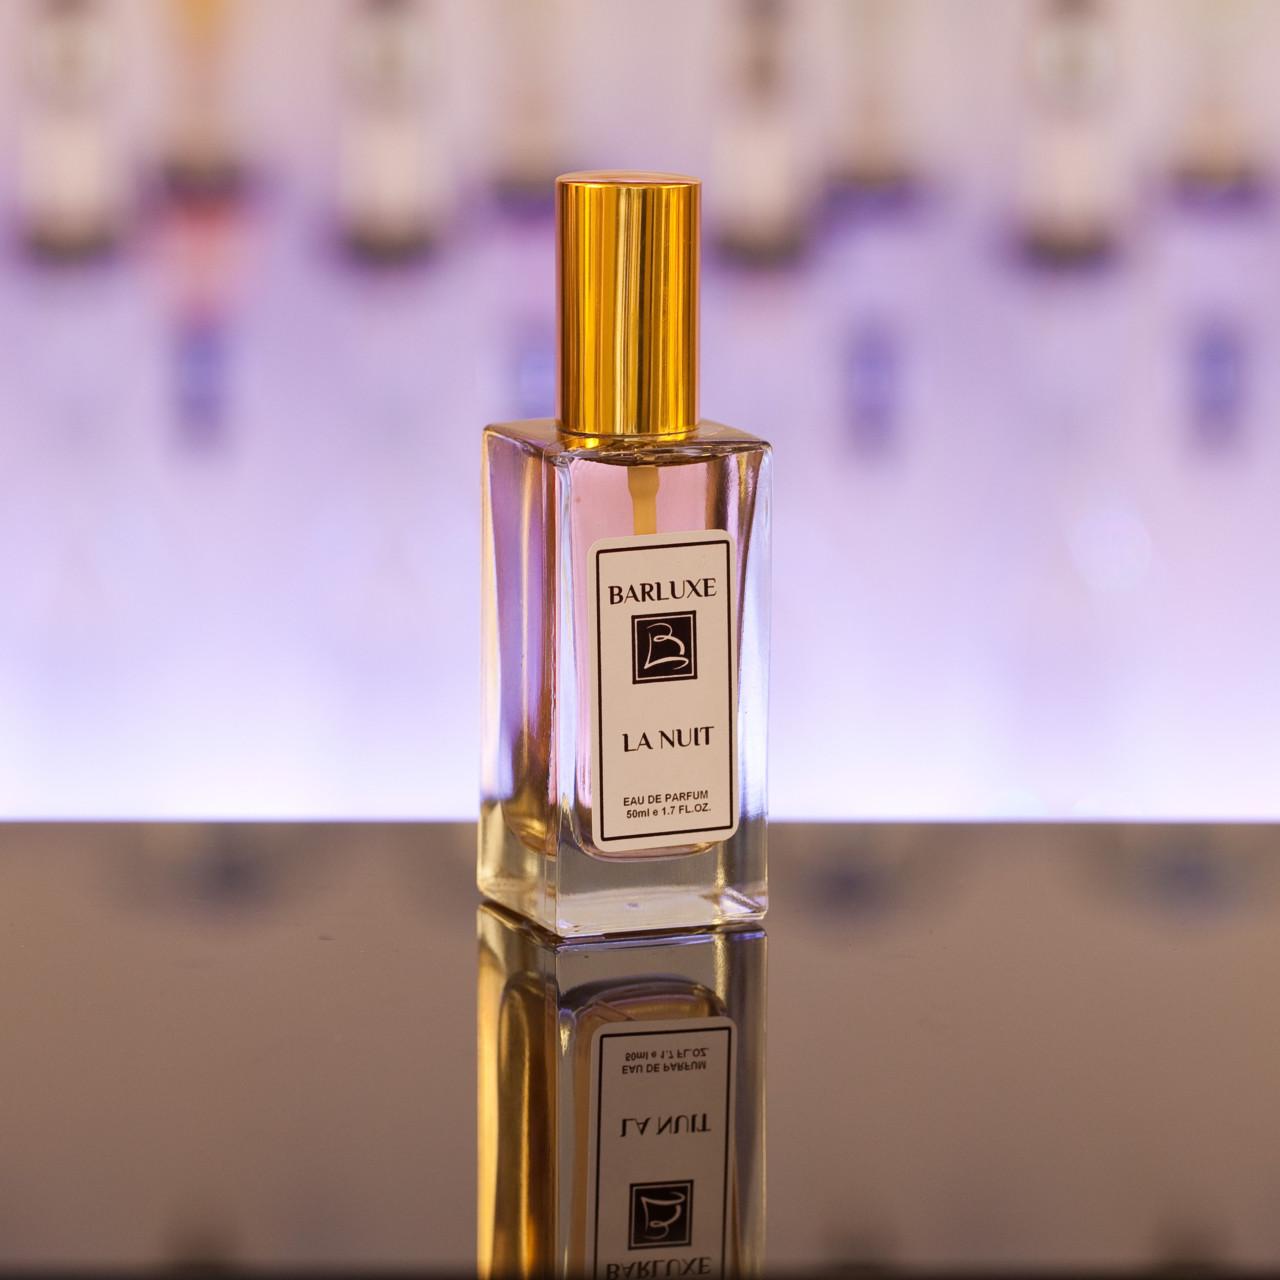 damen-parfum-dupe-double-duft-duftzwilling-la-nuit-2